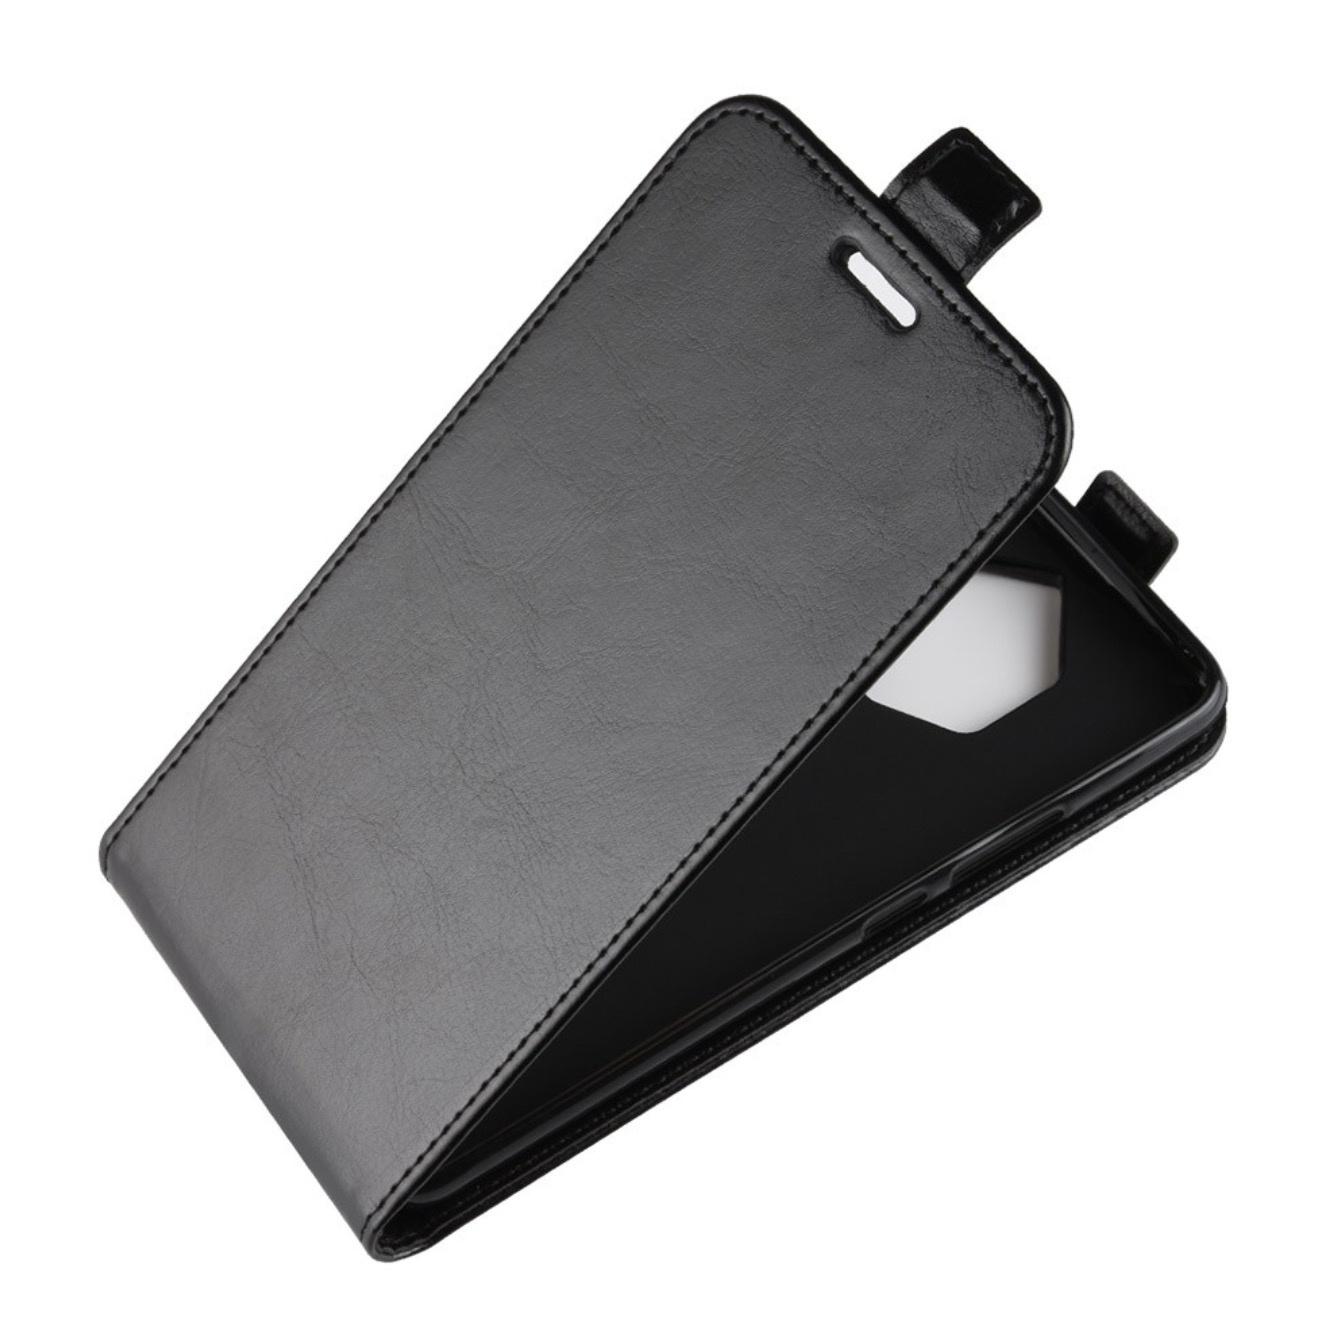 Чехол-флип MyPads для Umi Emax 5.5 вертикальный откидной черный